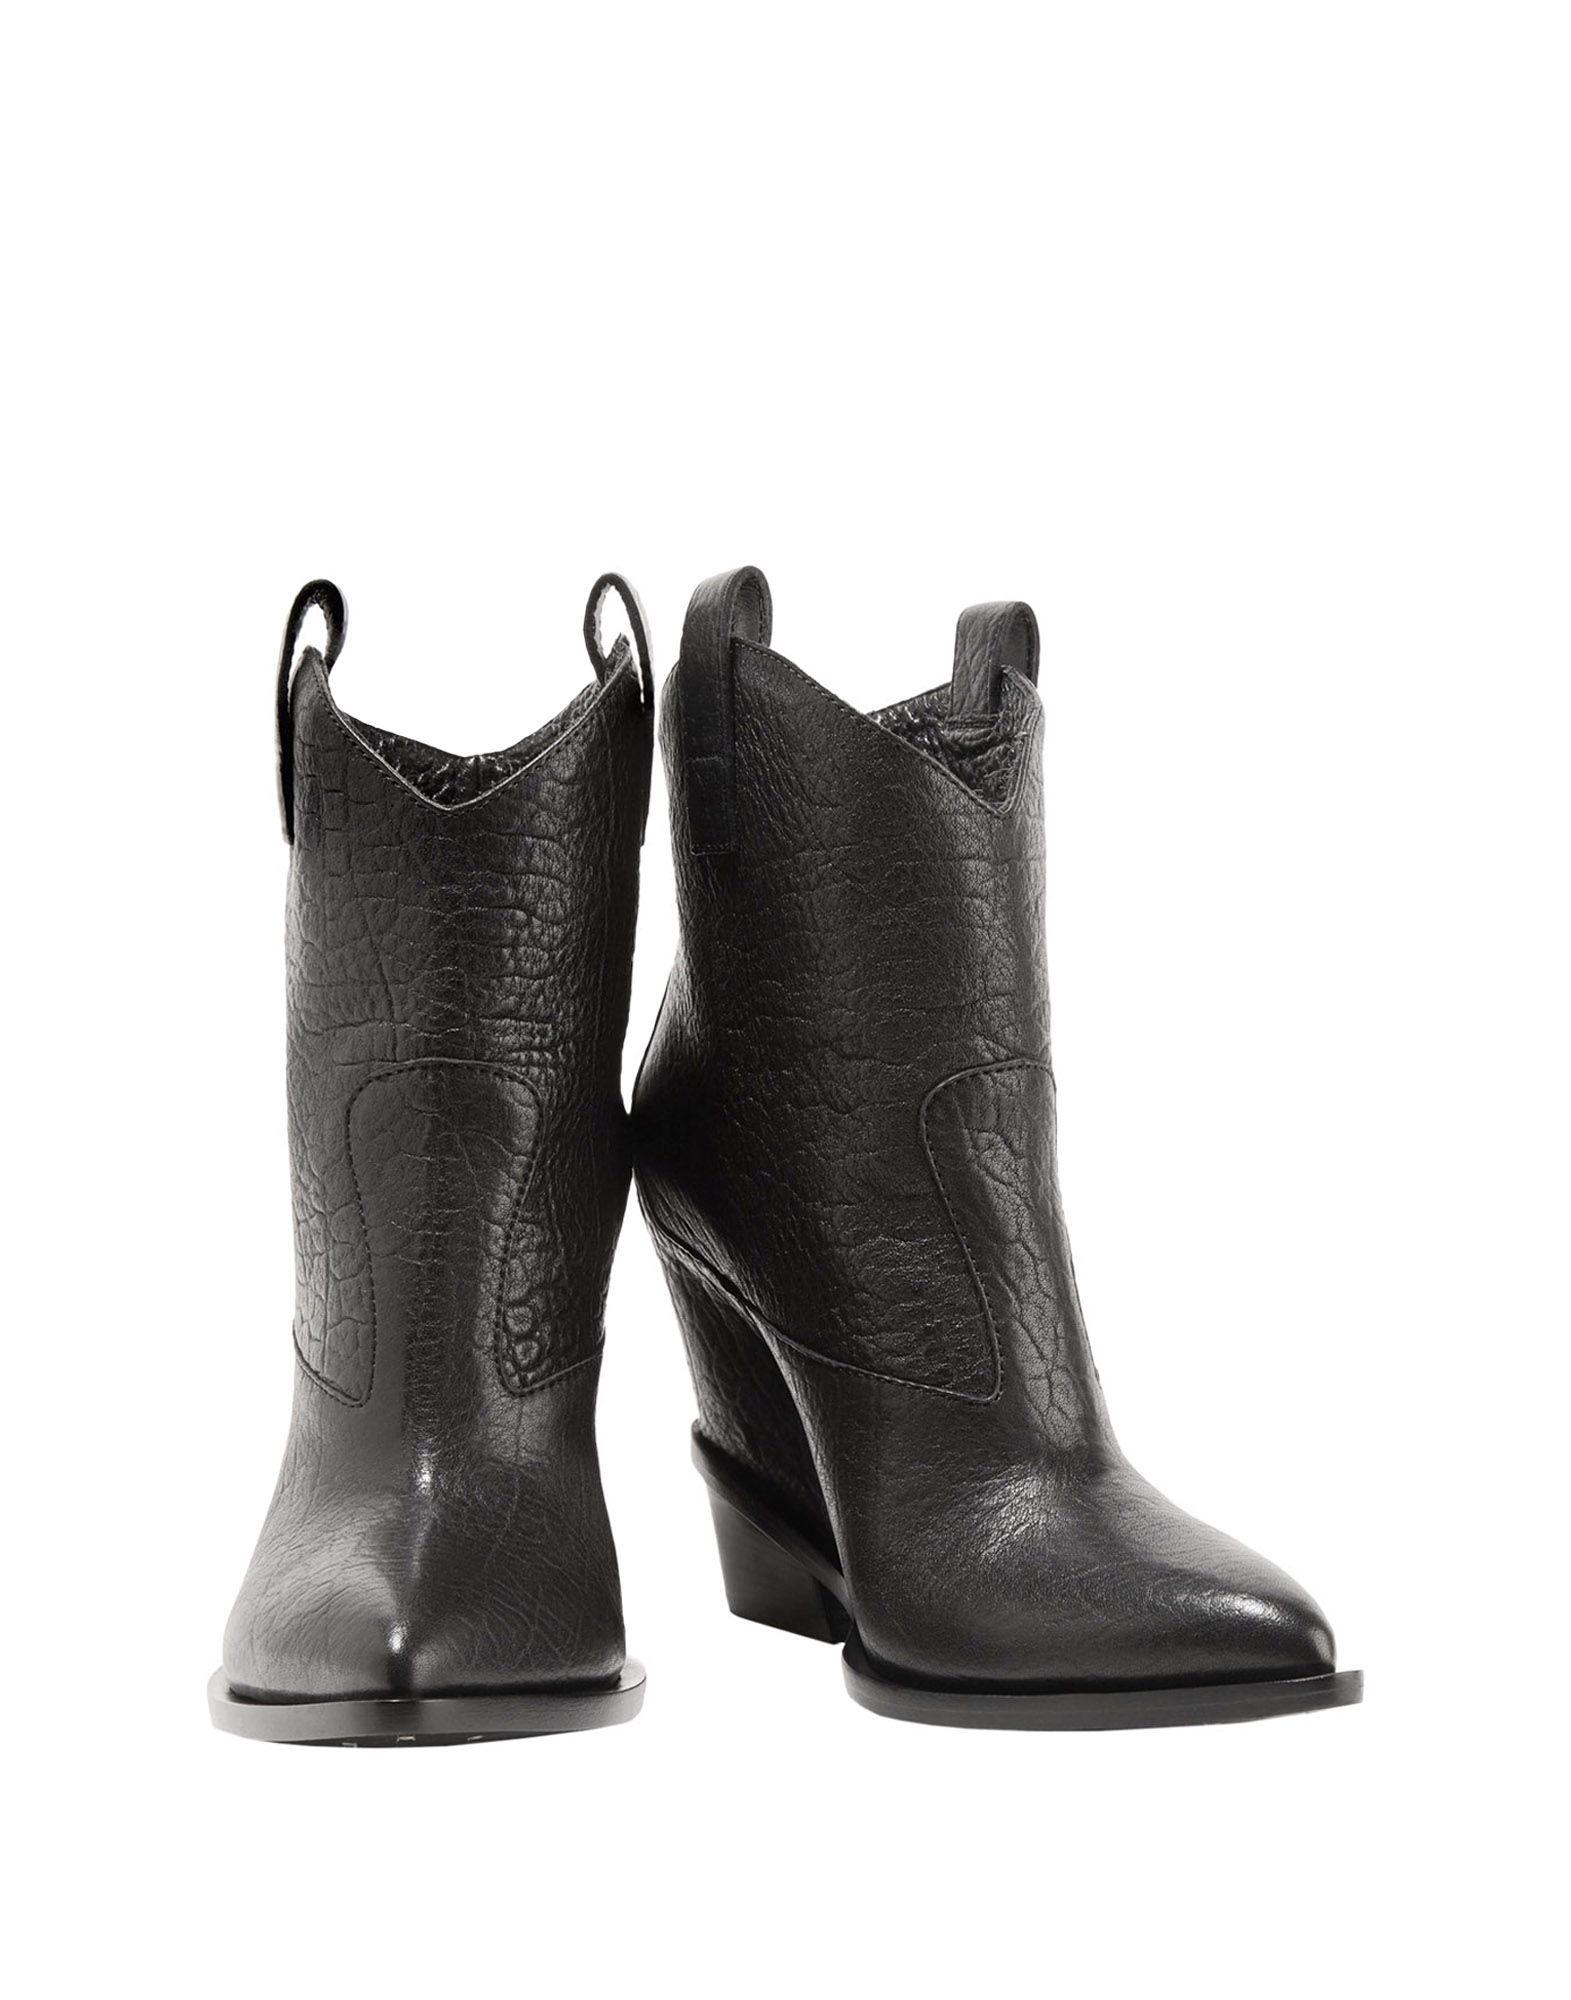 Giuseppe Zanotti Stiefelette Damen  11524379UBGünstige gut aussehende Schuhe